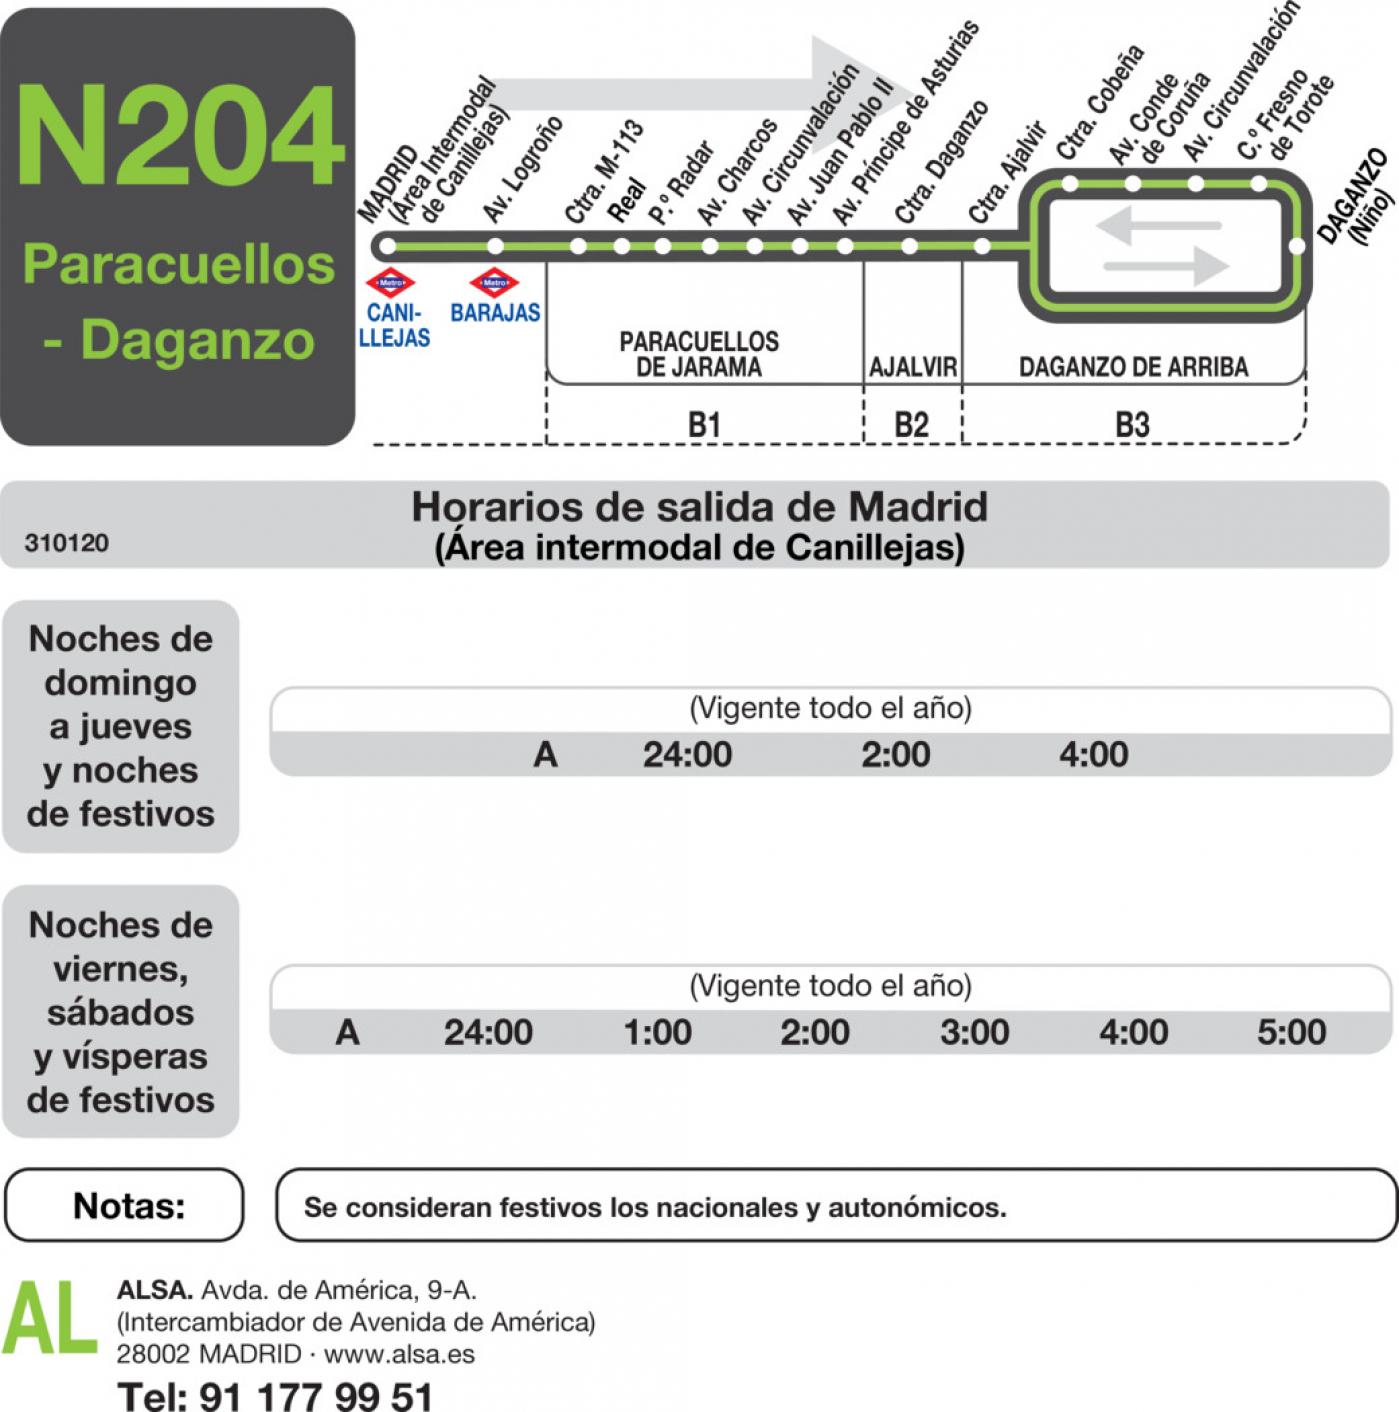 Tabla de horarios y frecuencias de paso en sentido ida Línea N-204: Madrid (Canillejas) - Paracuellos - Daganzo